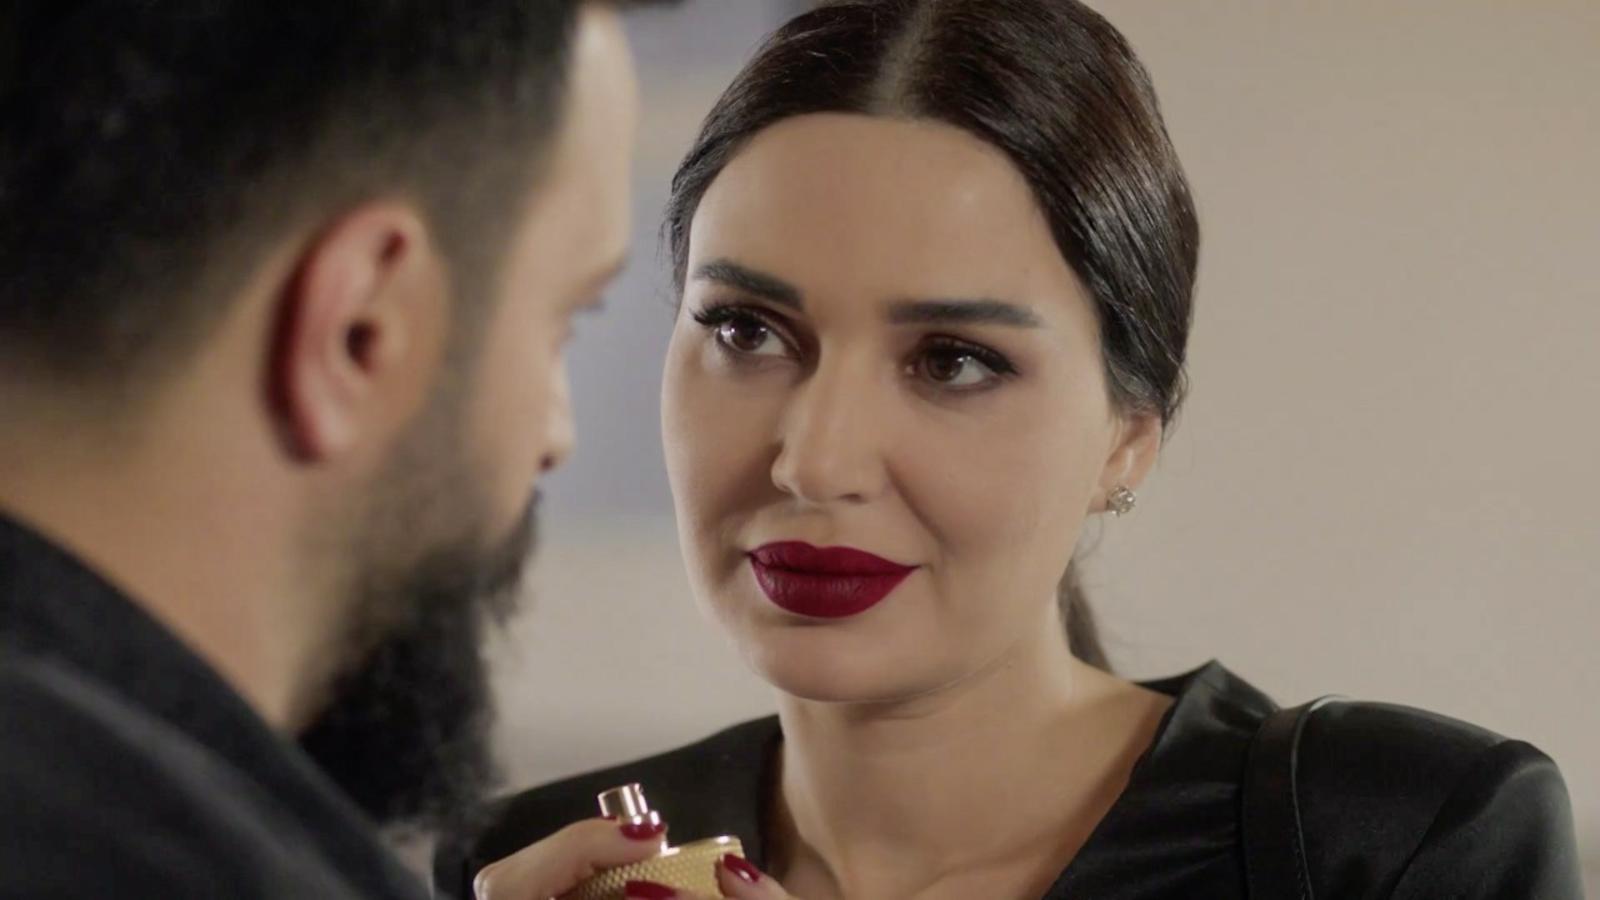 سيرين عبد النور تكشف عن رأي زوجها بمشاهدها الجريئة مع تيم حسن..شاهدوا ماذا قالت!